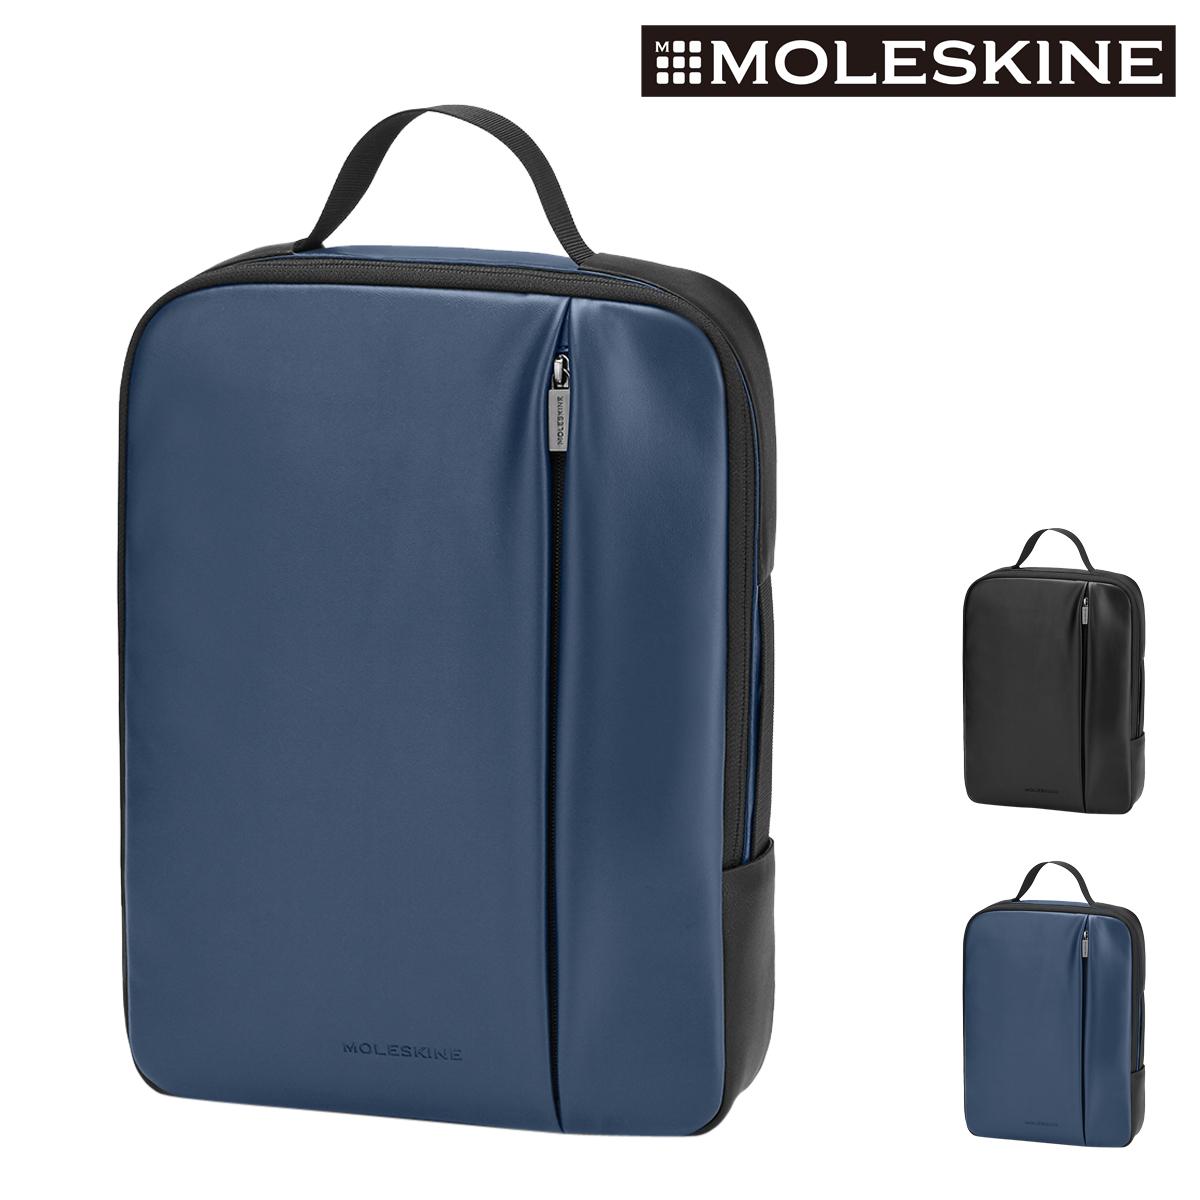 モレスキン リュック Pro Device Bag メンズ レディース Moleskine   デバイスバッグ[bef][PO10][母の日]